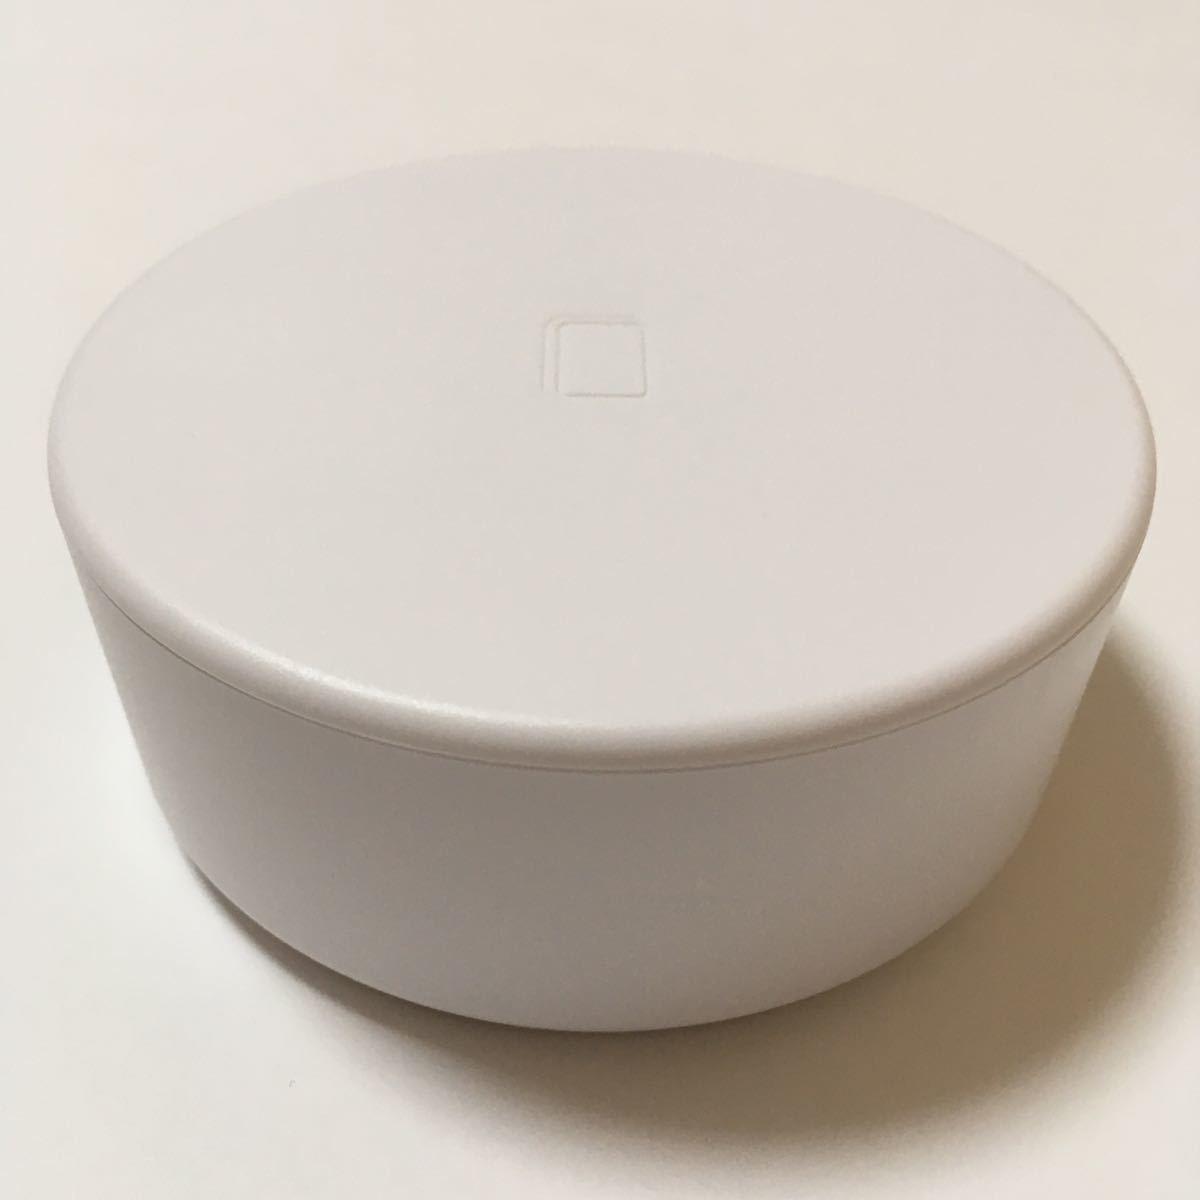 ニンテンドー3DS NFCリーダーライター 動作確認済み 任天堂 amiibo アミーボ マリオ ゼルダ スマブラ フィギュア